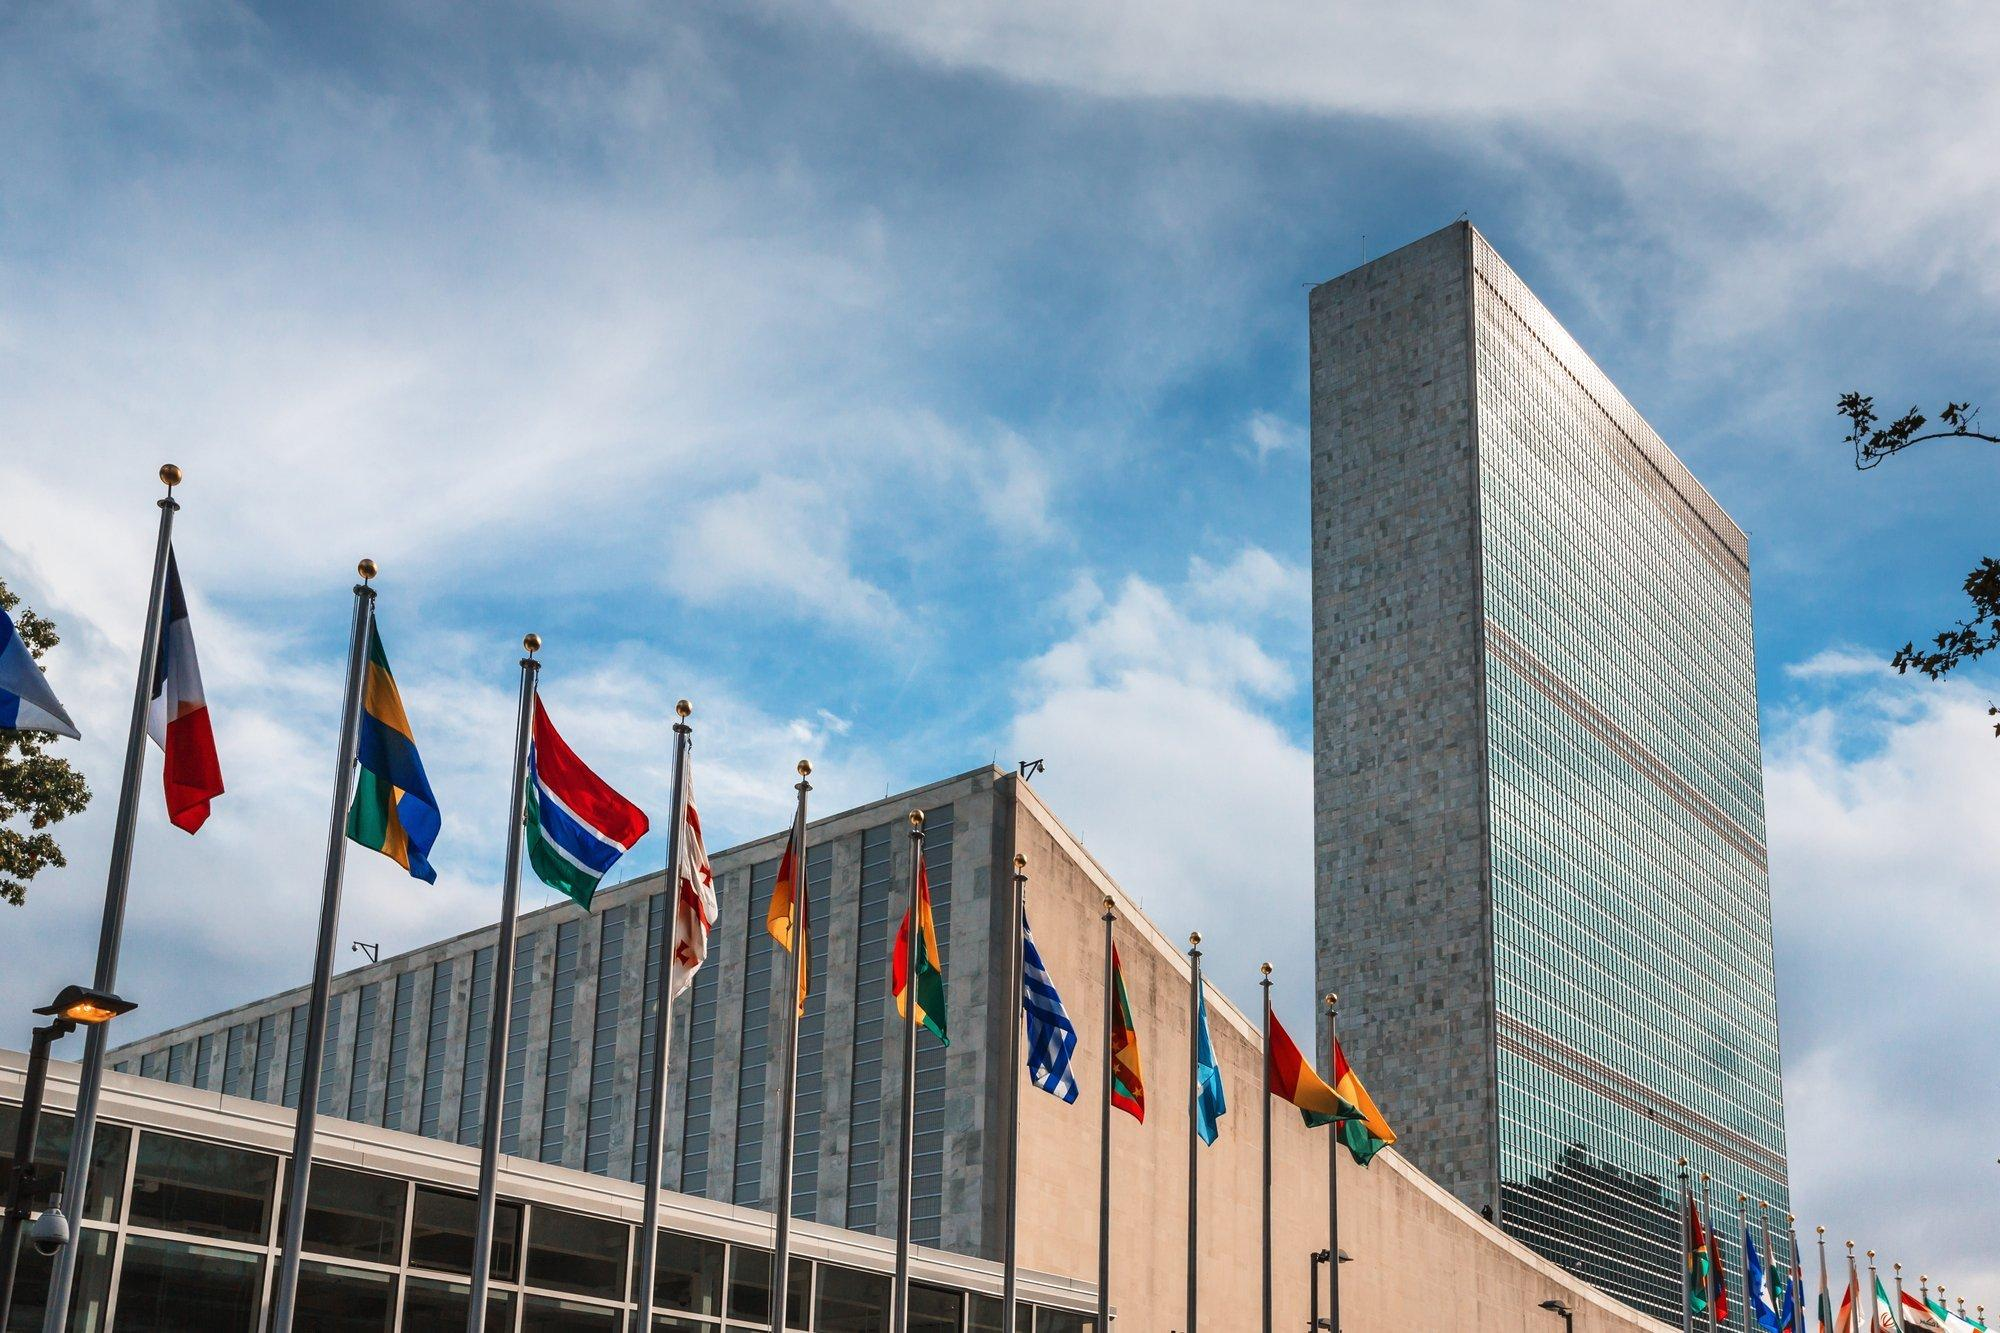 Außenaufnahme des Hochhauses der Vereinten Nationen in New York mit zahlreichen Flaggen von Mitgliedsstaaten.